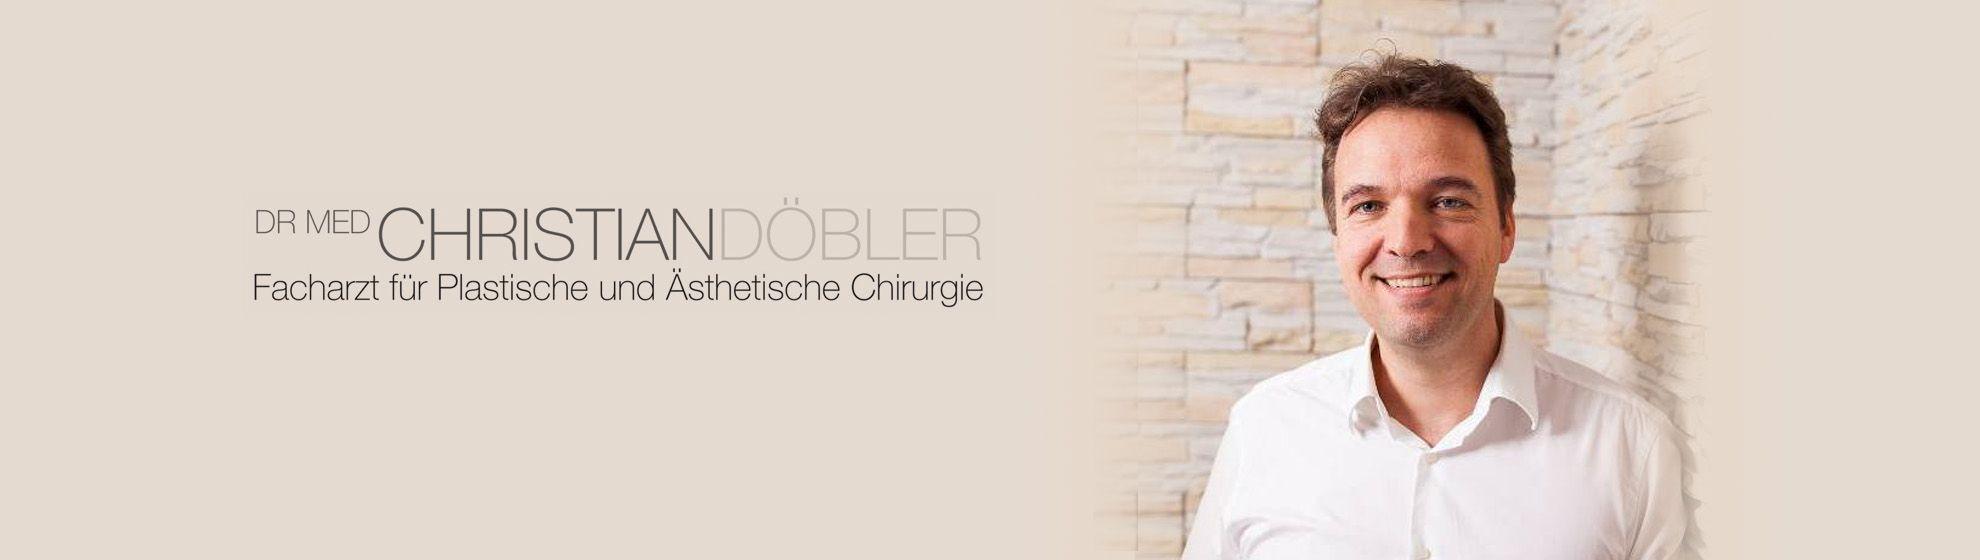 Dr. med. Christian Döbler